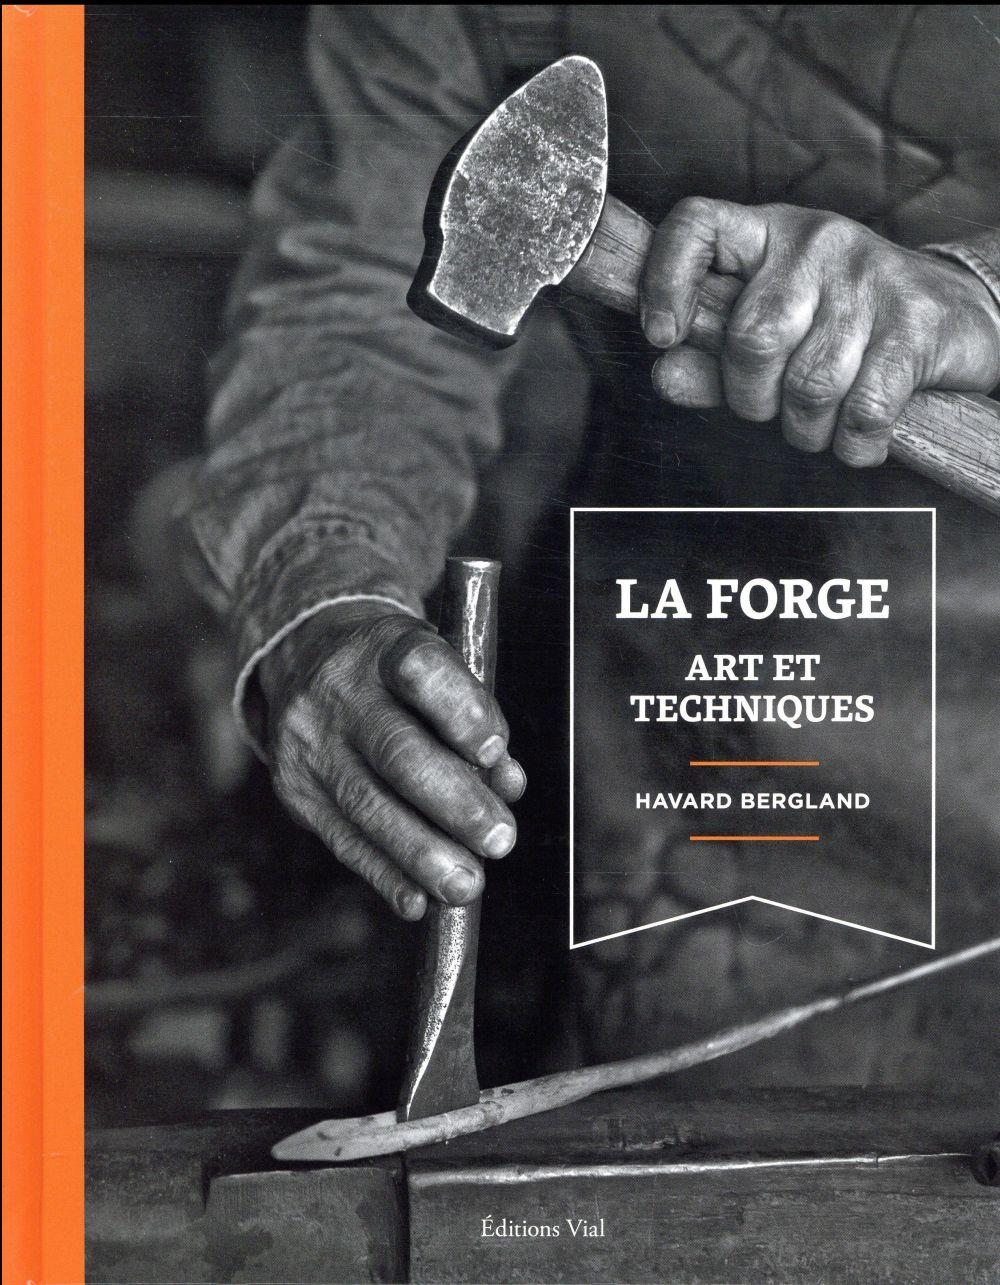 LA FORGE ART ET TECHNIQUES BERGLAND HAVARD HENRI VIAL